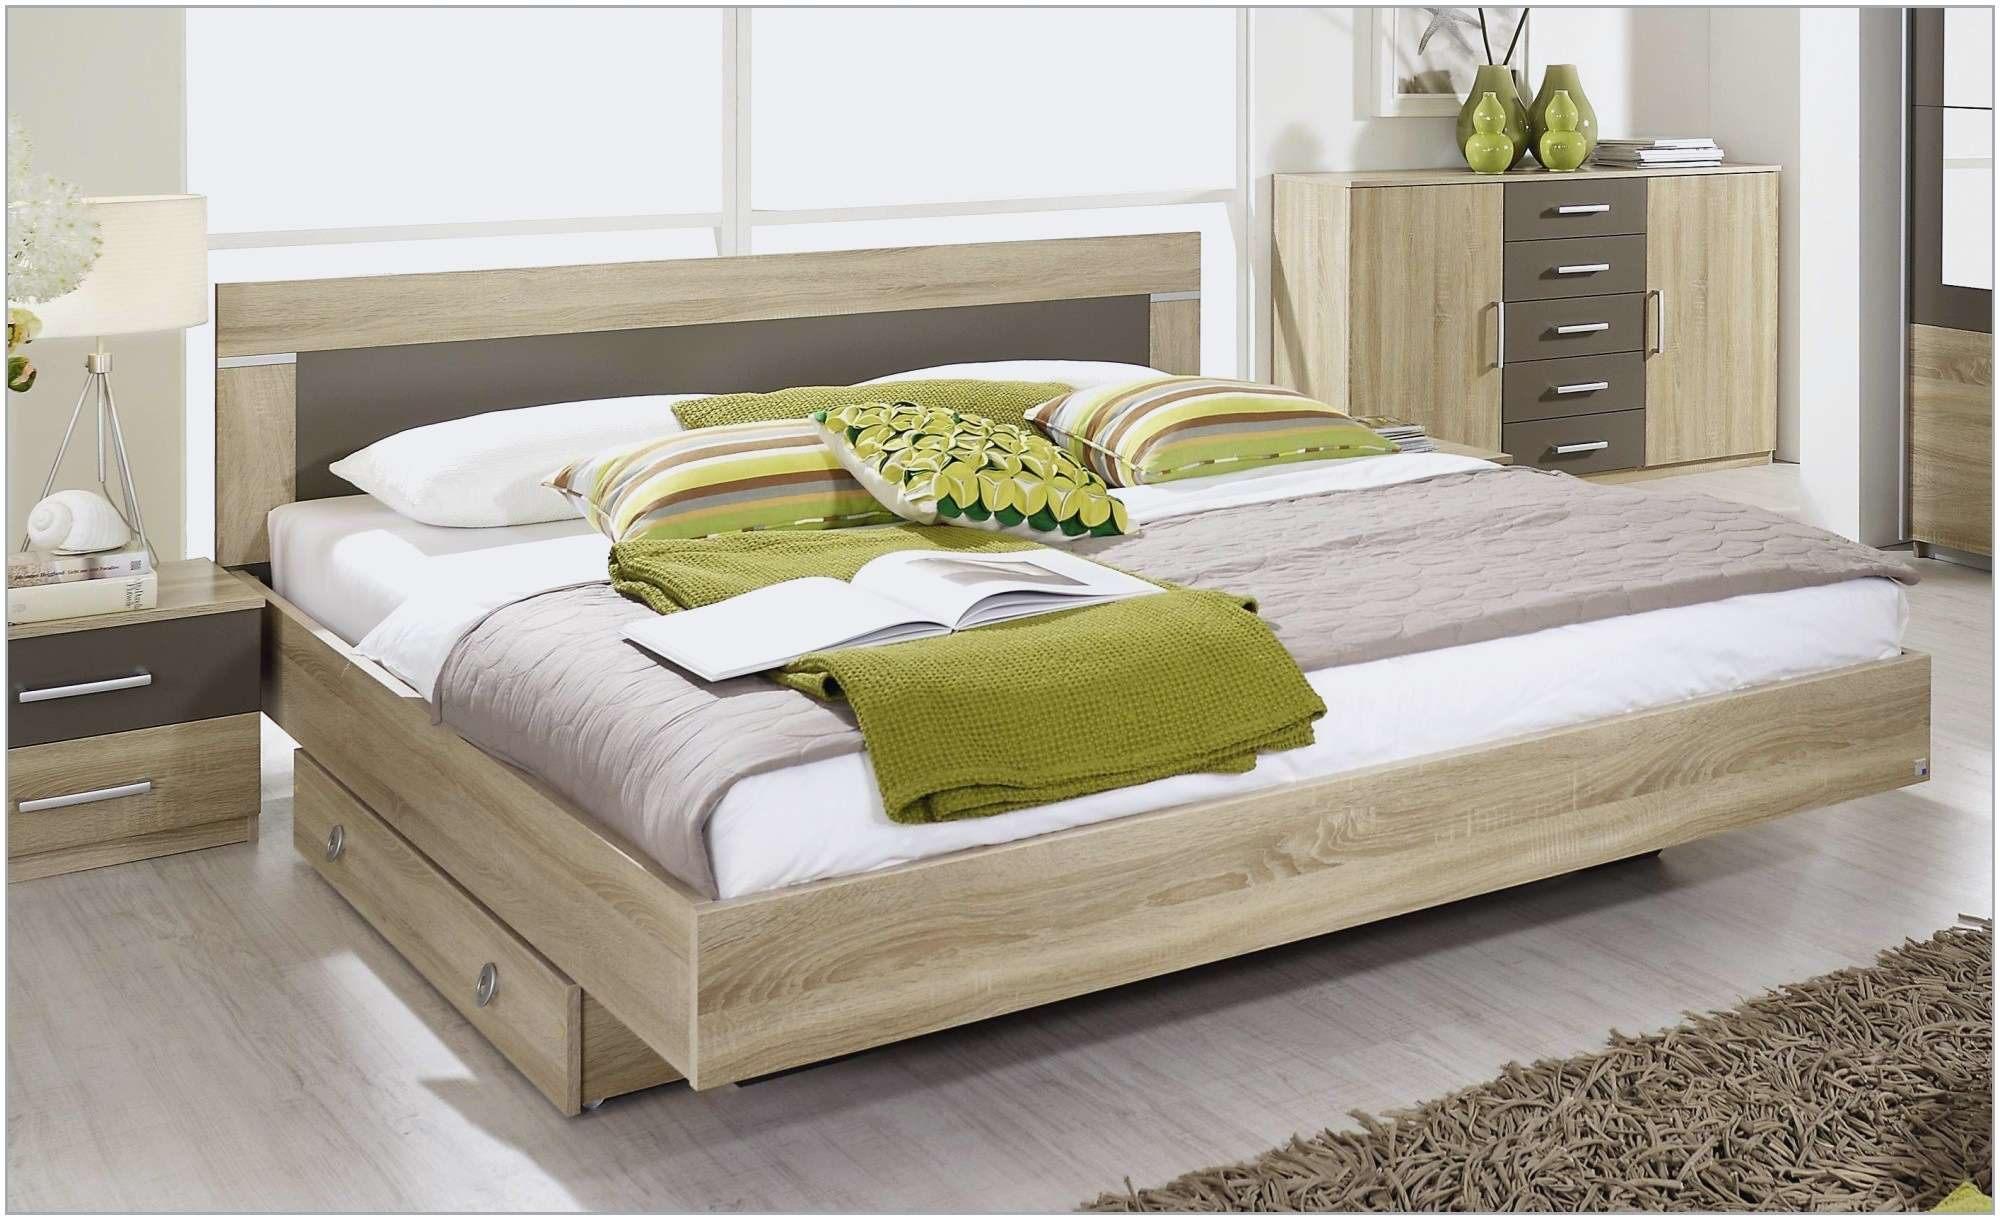 Ikea Lit Avec Rangement Beau Inspiré Cheval En Bois Ikea Impressionnant Image Tete De Lit Avec